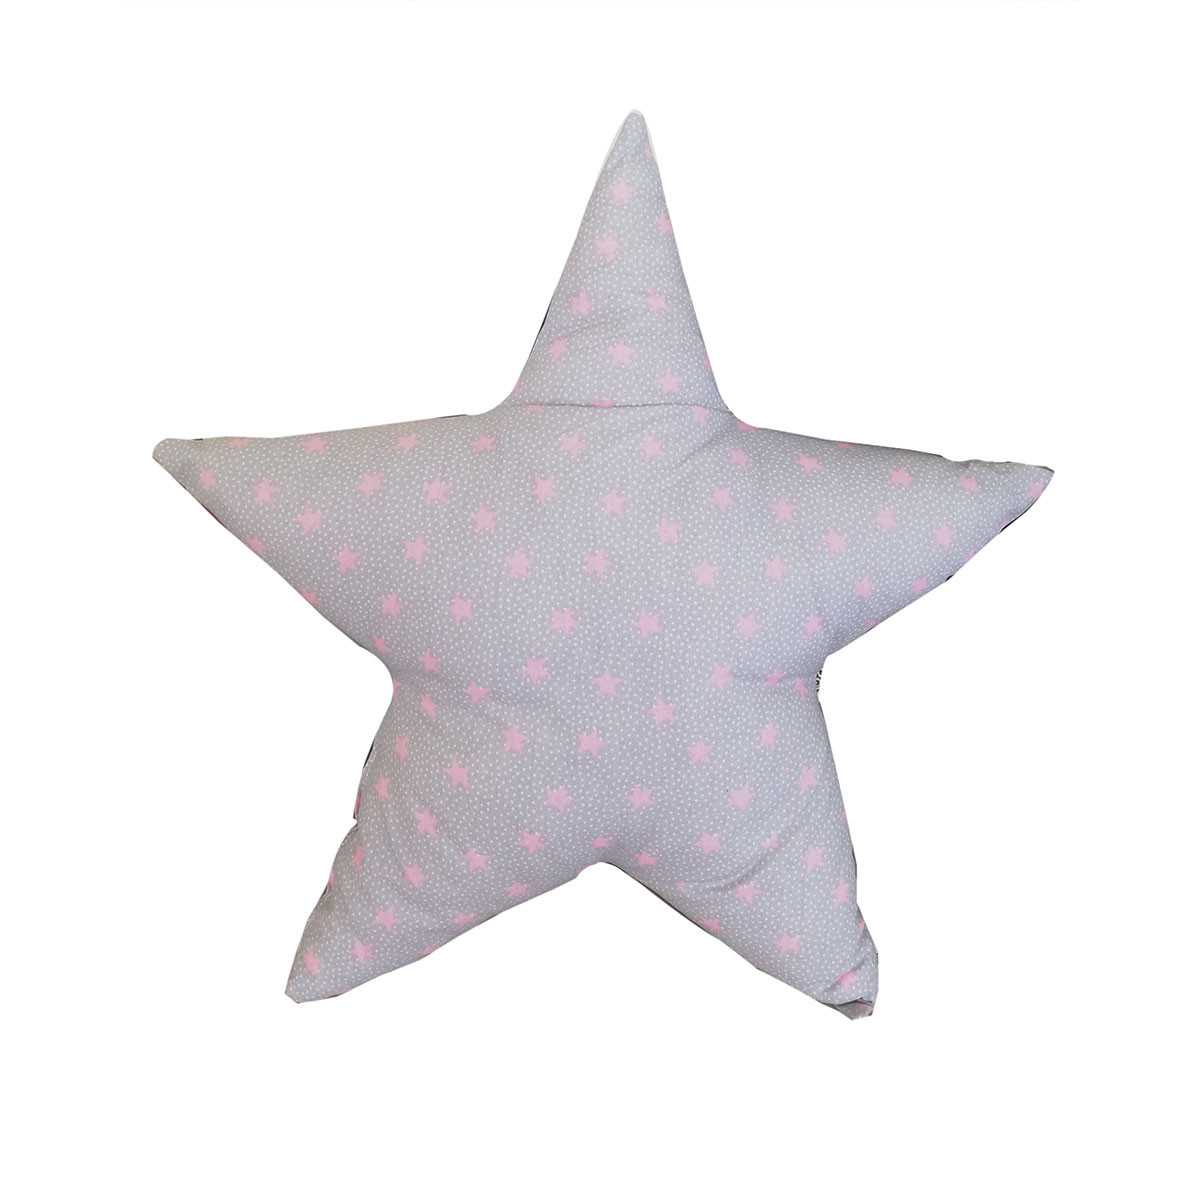 Διακοσμητικό Μαξιλάρι Cigit Star Grey/Pink